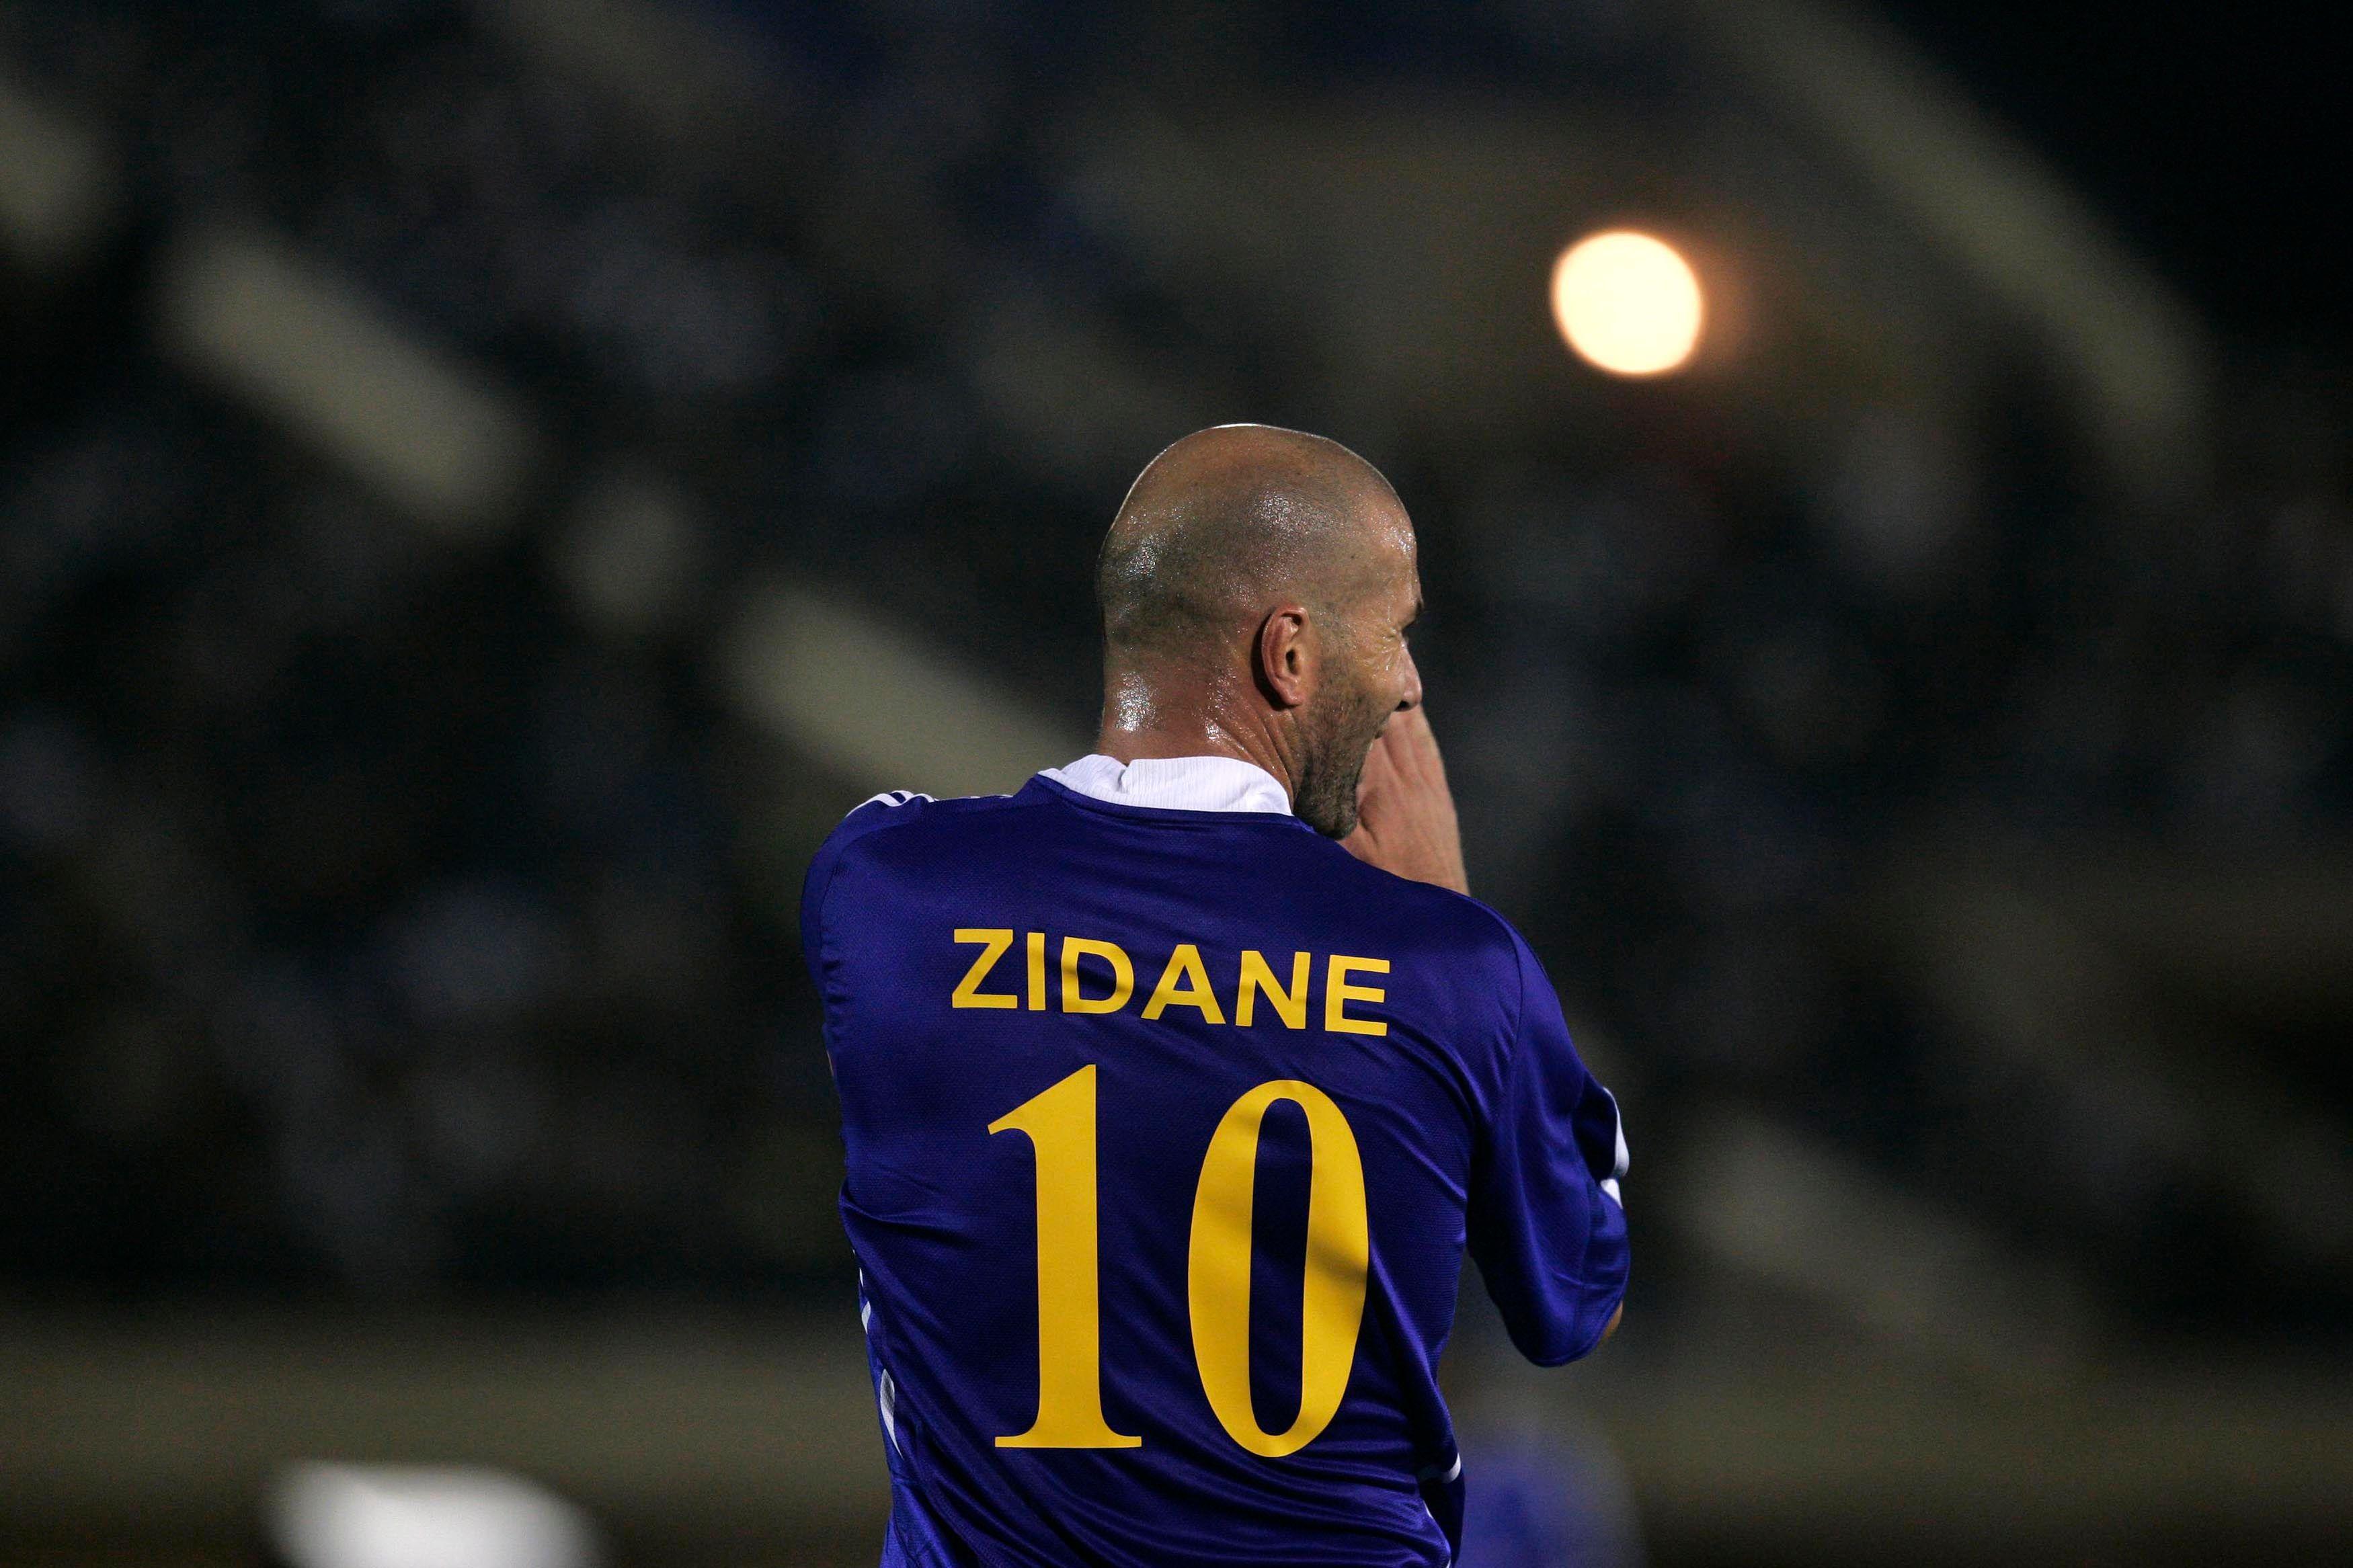 Quand Luis Fernandez voulait faire signer Zinédine Zidane au PSG, l'ancien agent du champion du monde raconte